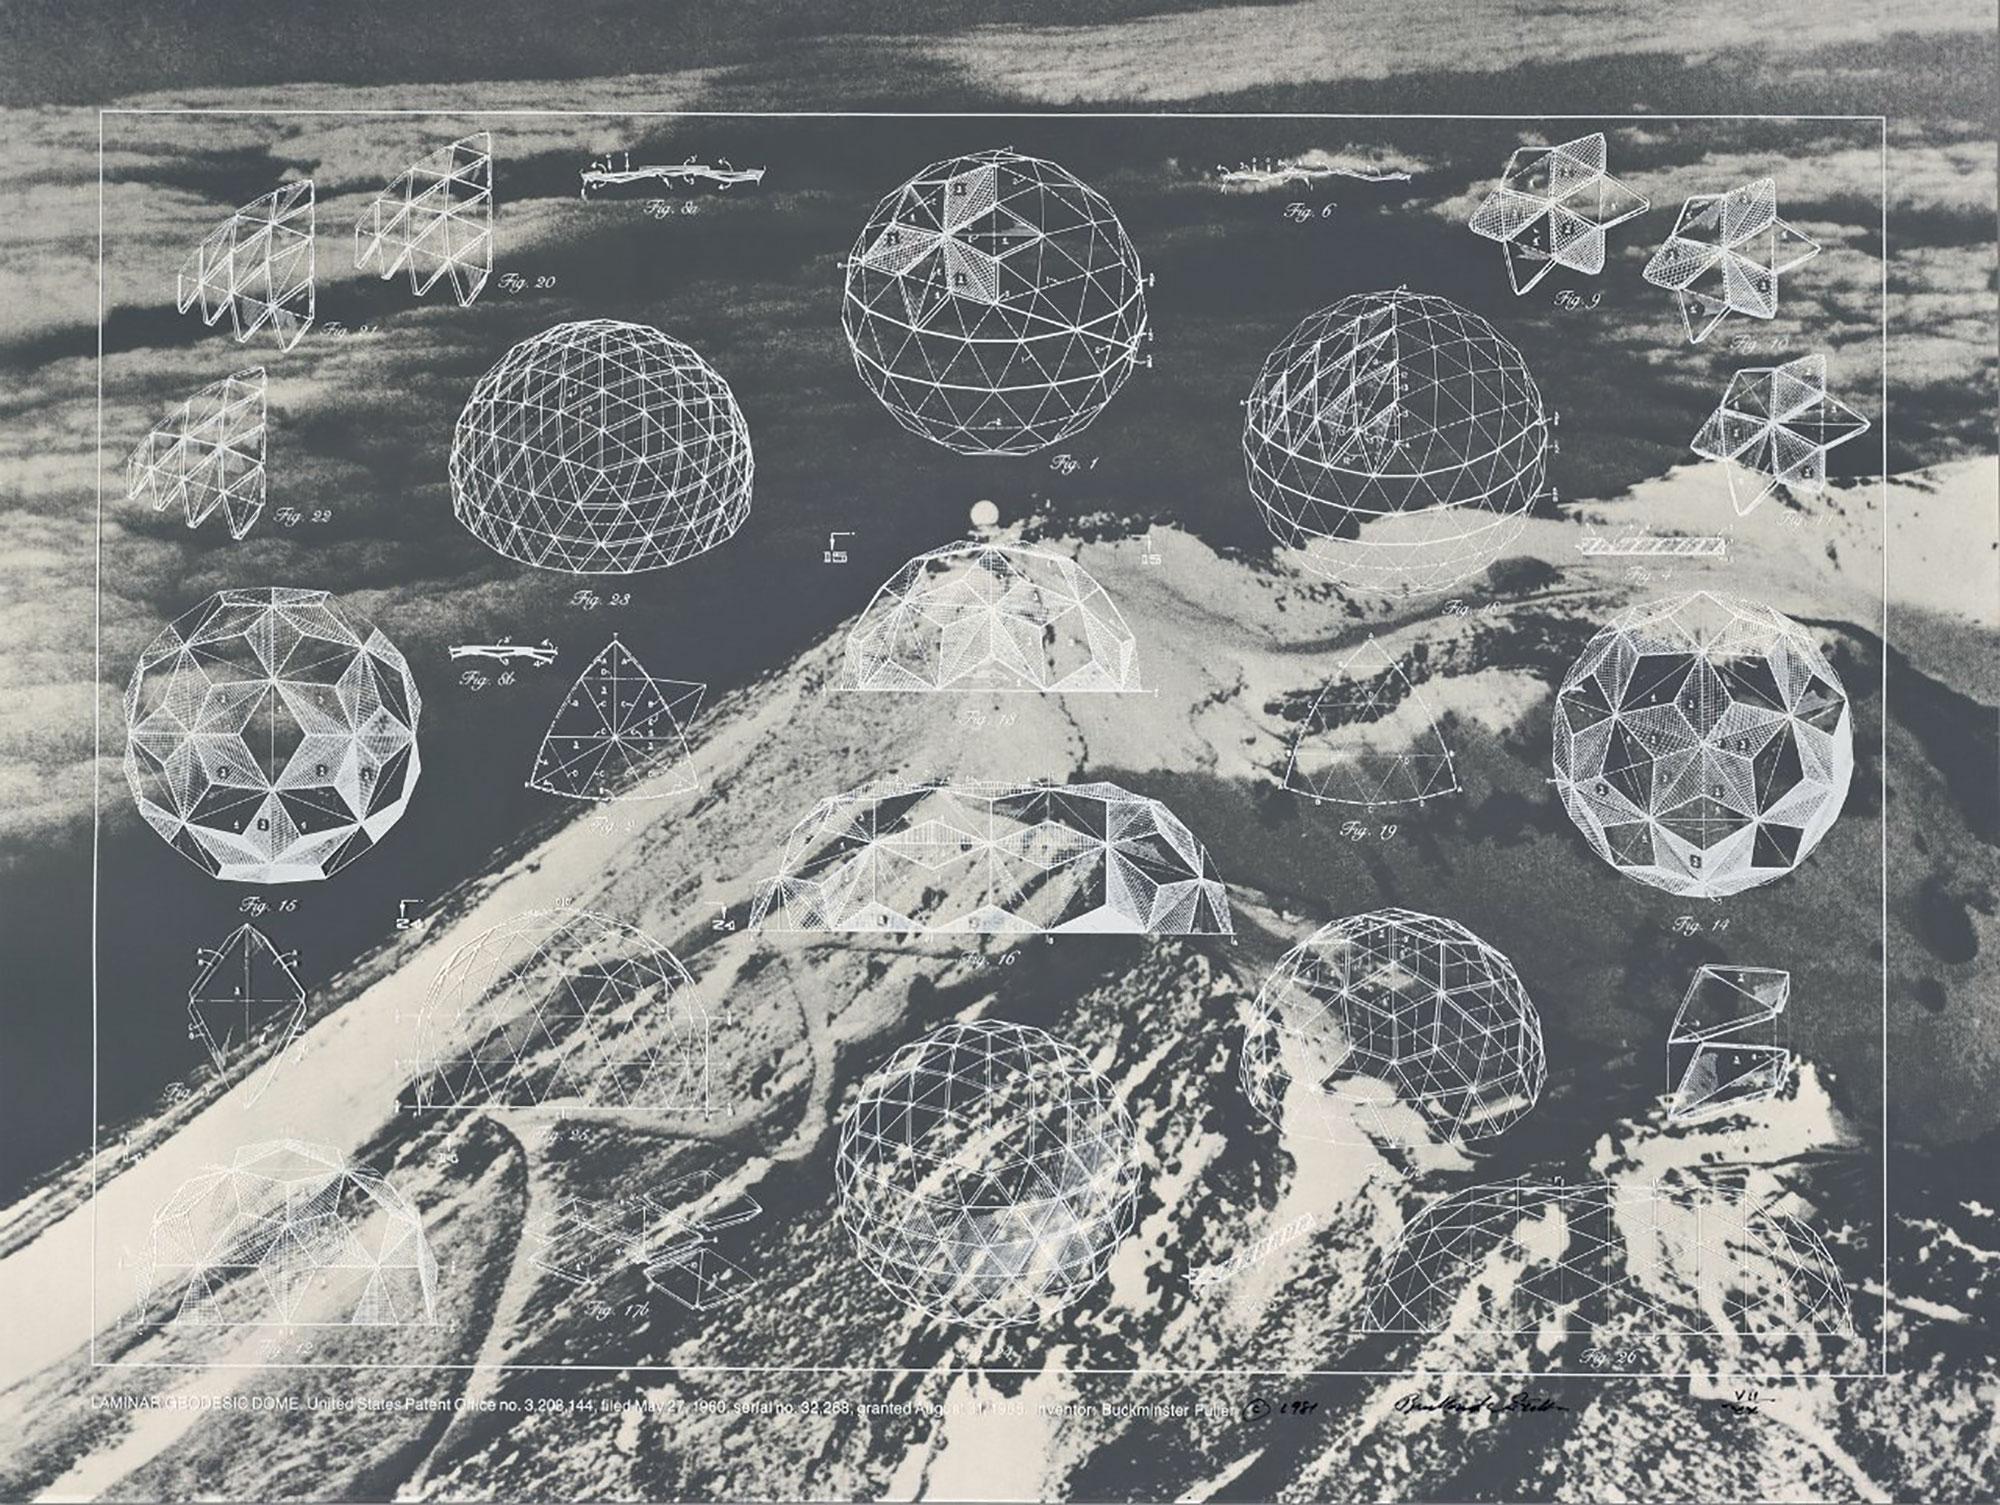 バックミンスター・フラー ポートフォリオ「一つを巡る十二の発明」より 1981 年 シルクスクリーン 76.2×101.6cm